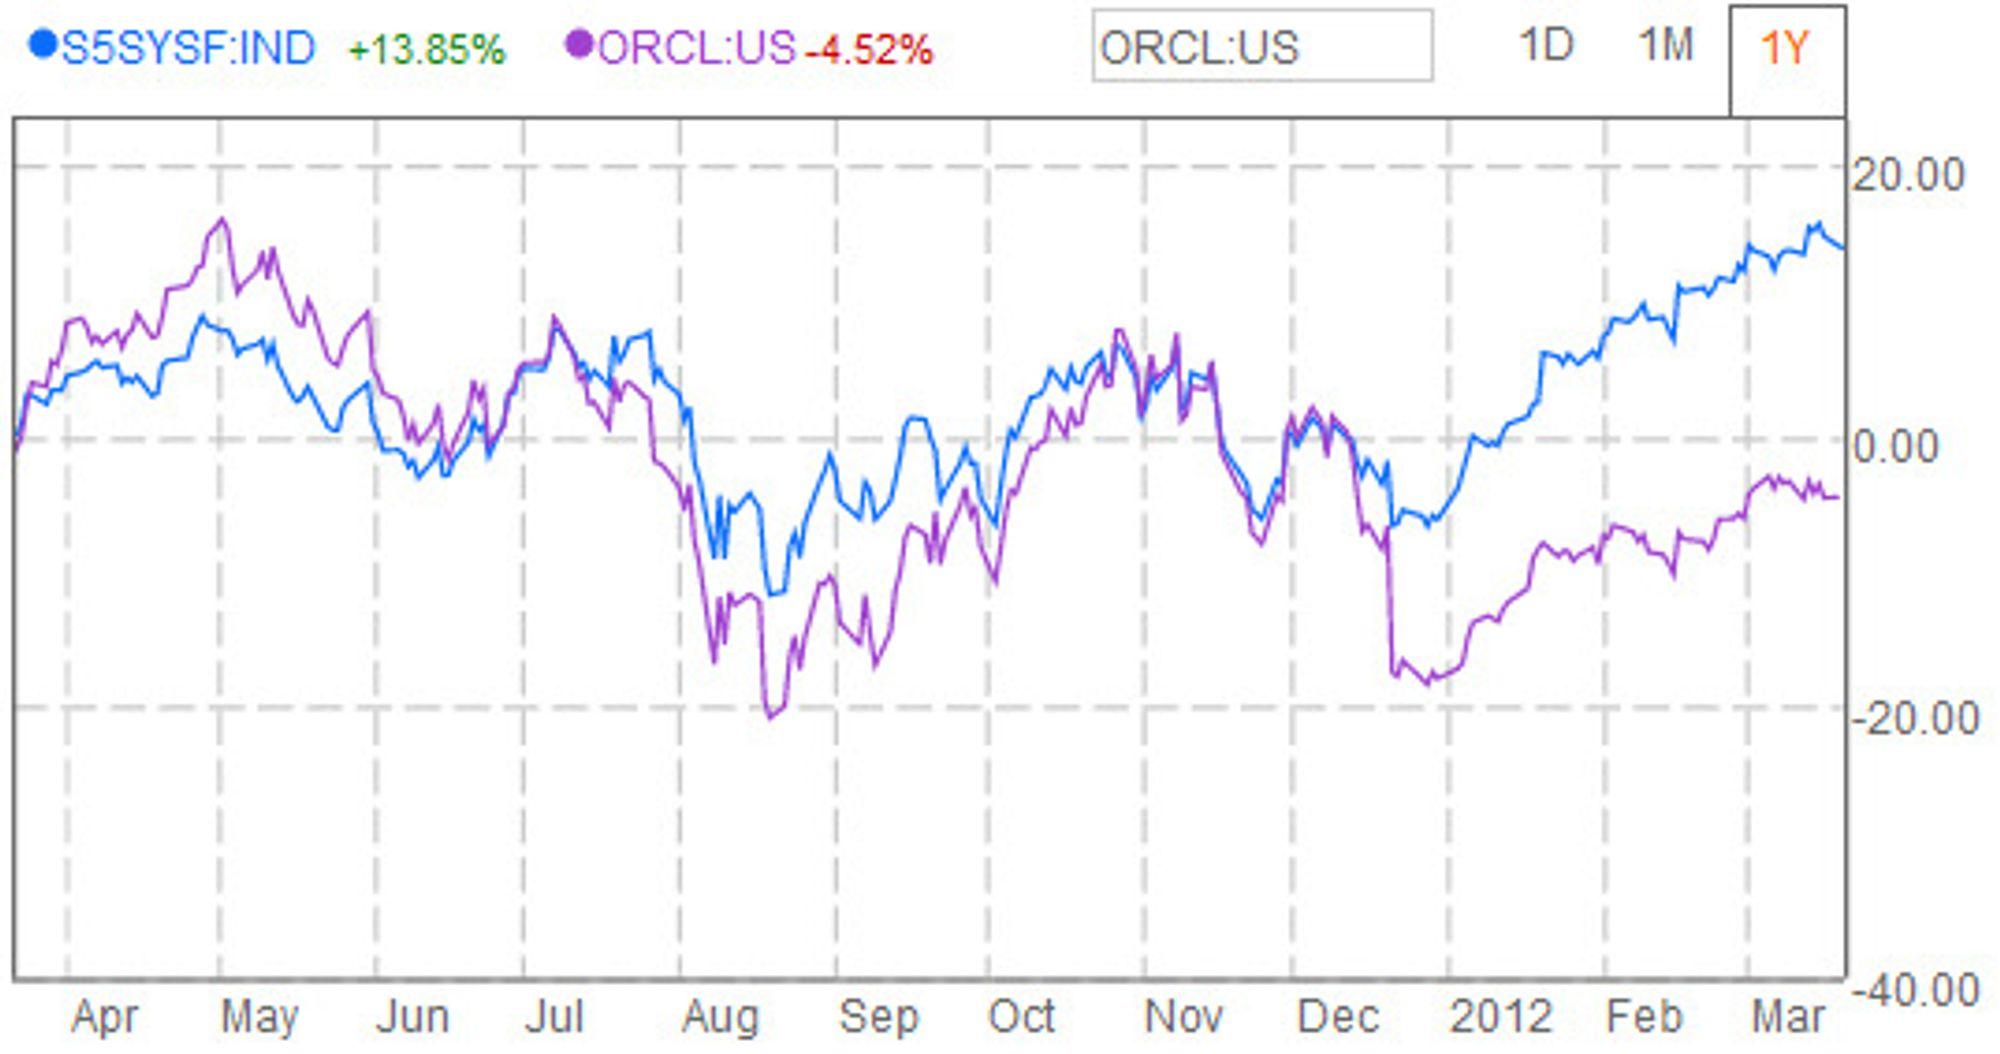 Oracles aksjekurs sammenliknet med S&P programvareindeks de siste tolv månedene.